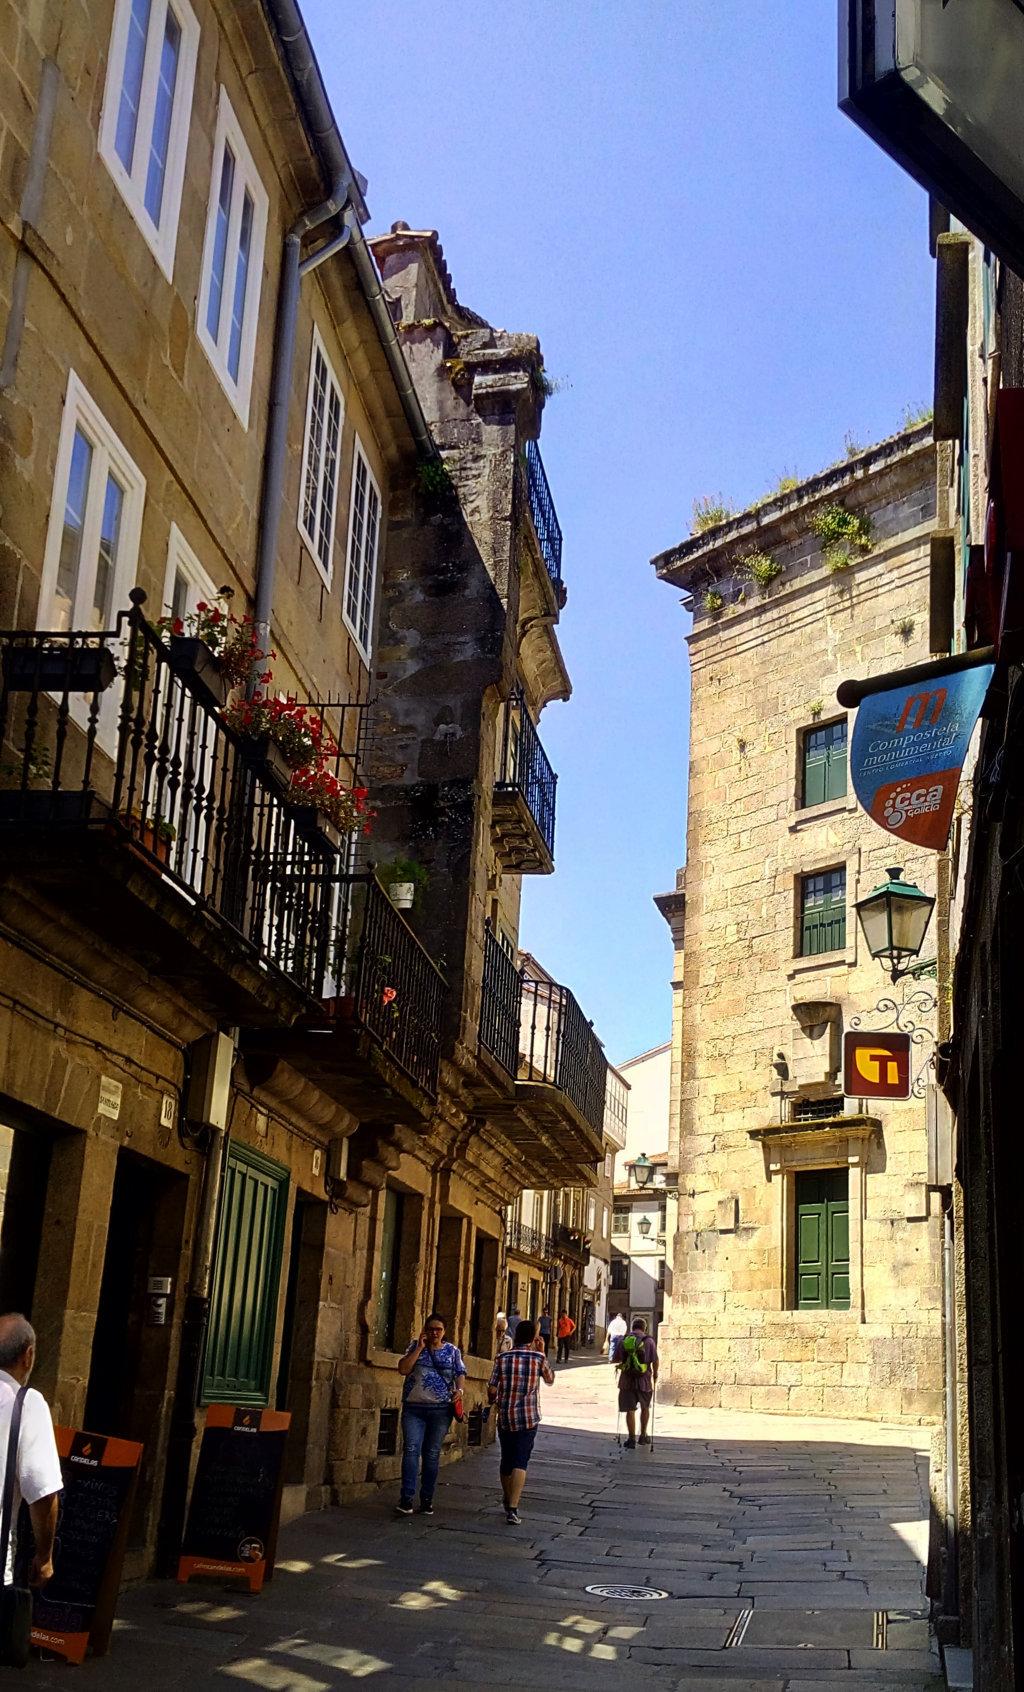 Foto 6 - Siguiendo la rúa, a la derecha Plaza de Salvador Parga